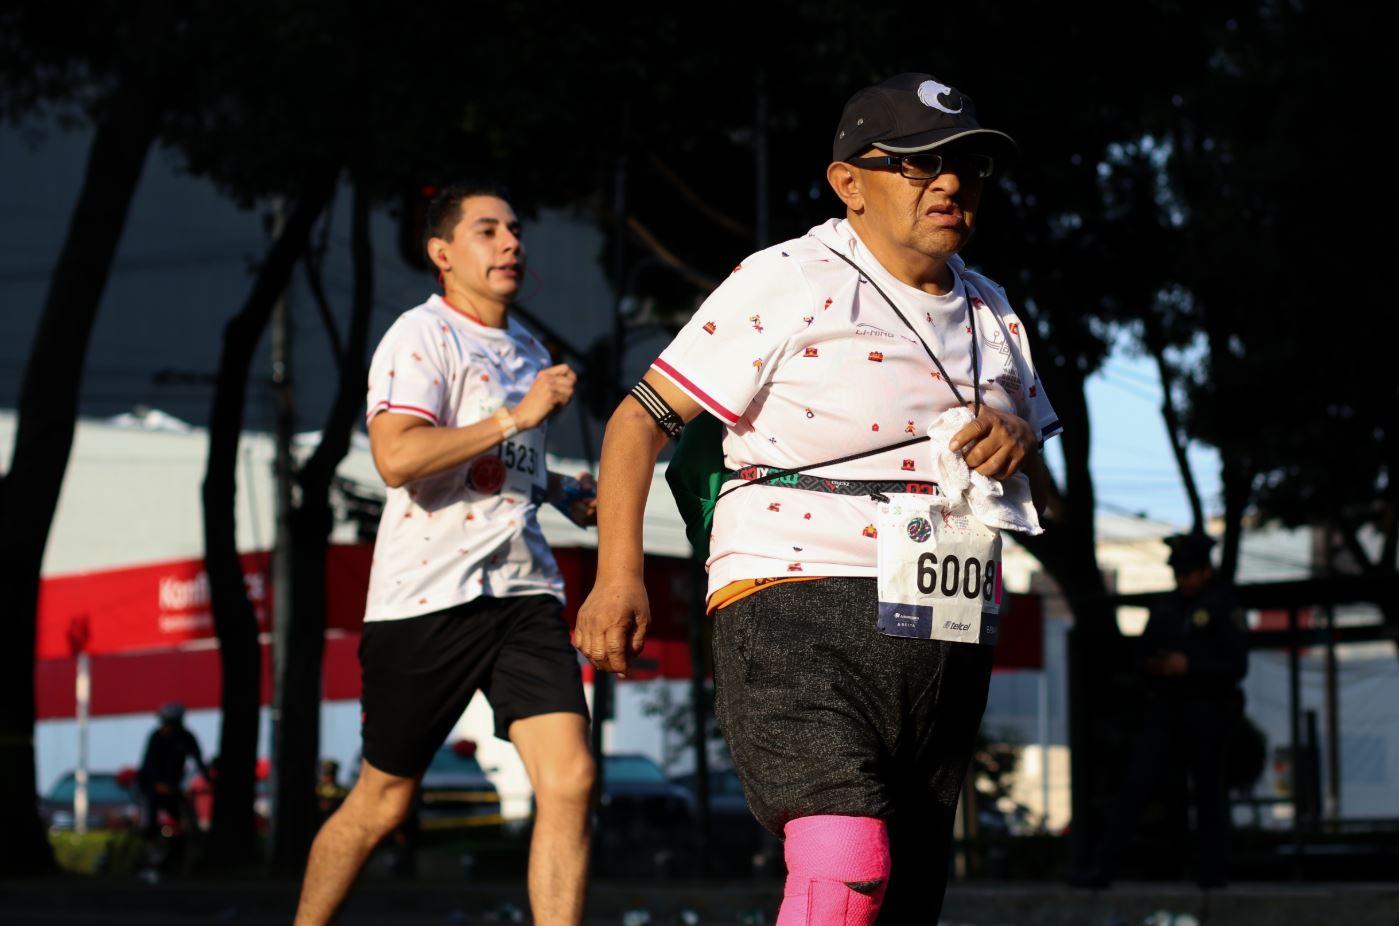 Foto: Maratón de la Ciudad de México este domingo 25 de agosto de 2019 (Cuartoscuro)